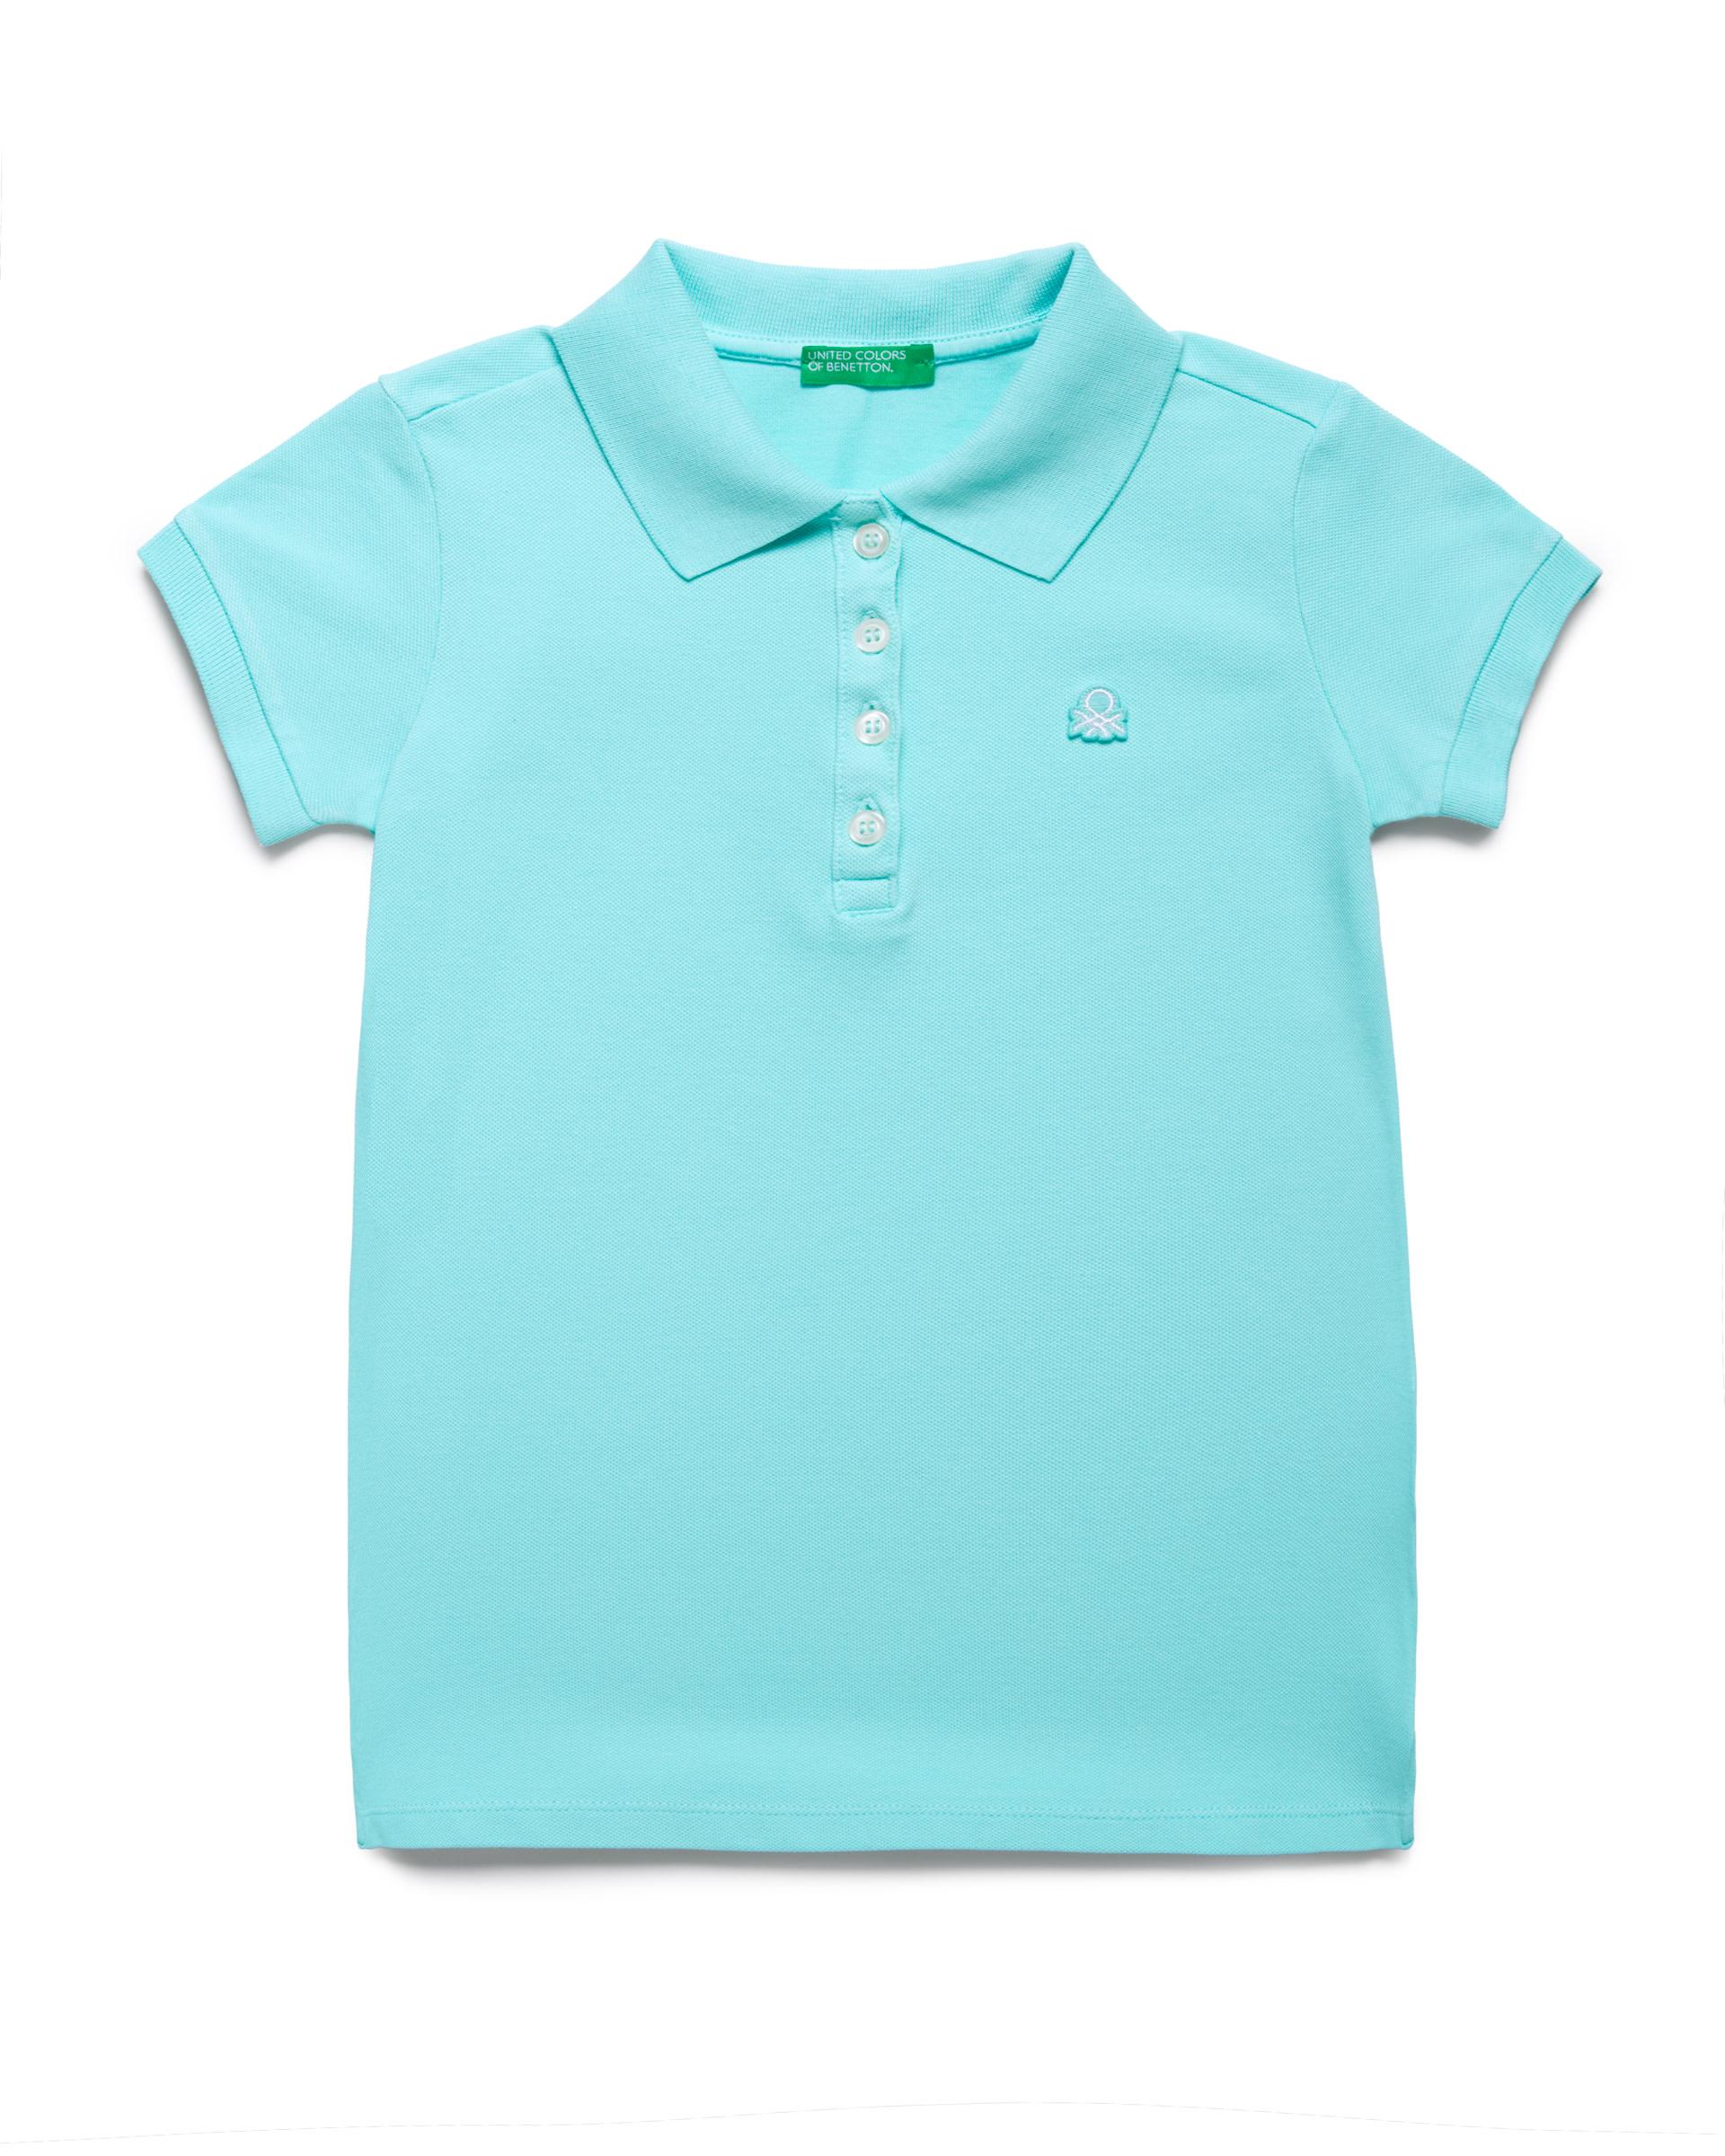 Купить 20P_3WG9C3092_0Z8, Поло-пике для девочек Benetton 3WG9C3092_0Z8 р-р 128, United Colors of Benetton, Детские футболки